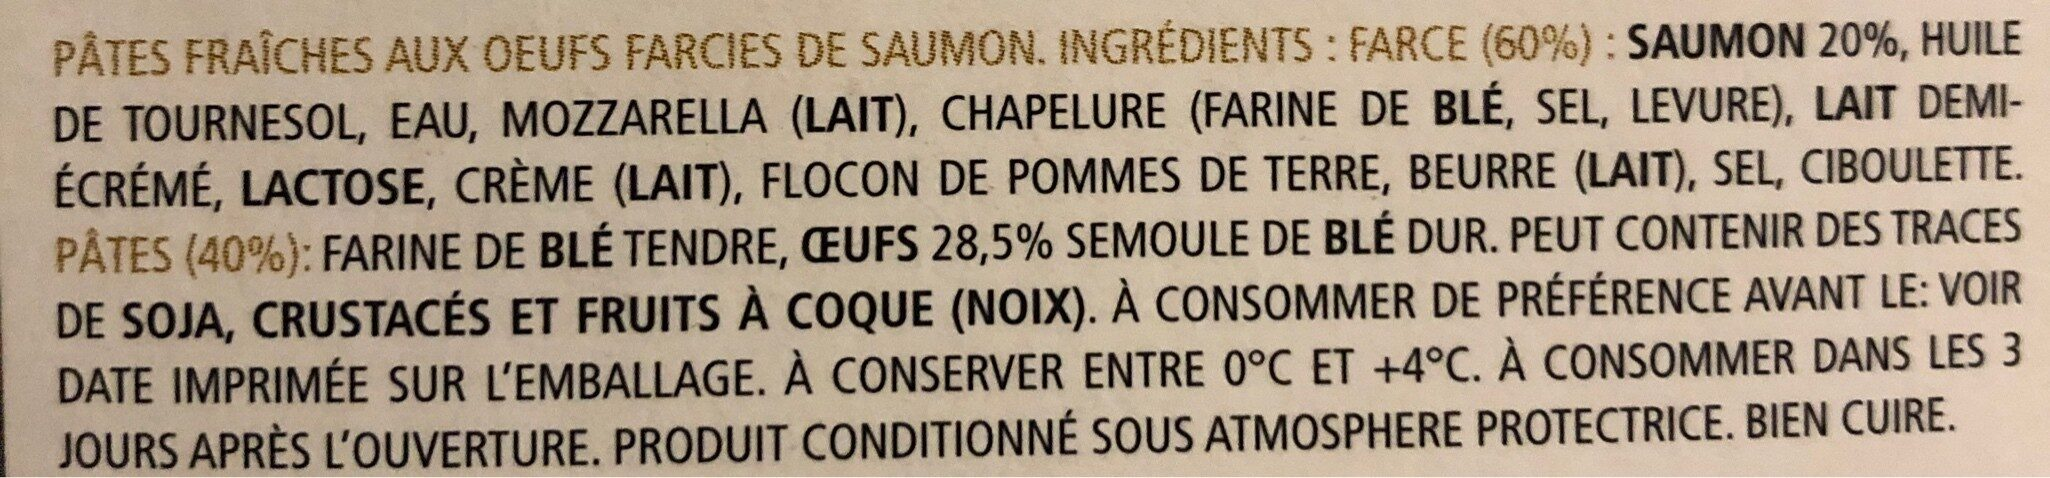 Mezzelune al salmone - Ingrédients - fr